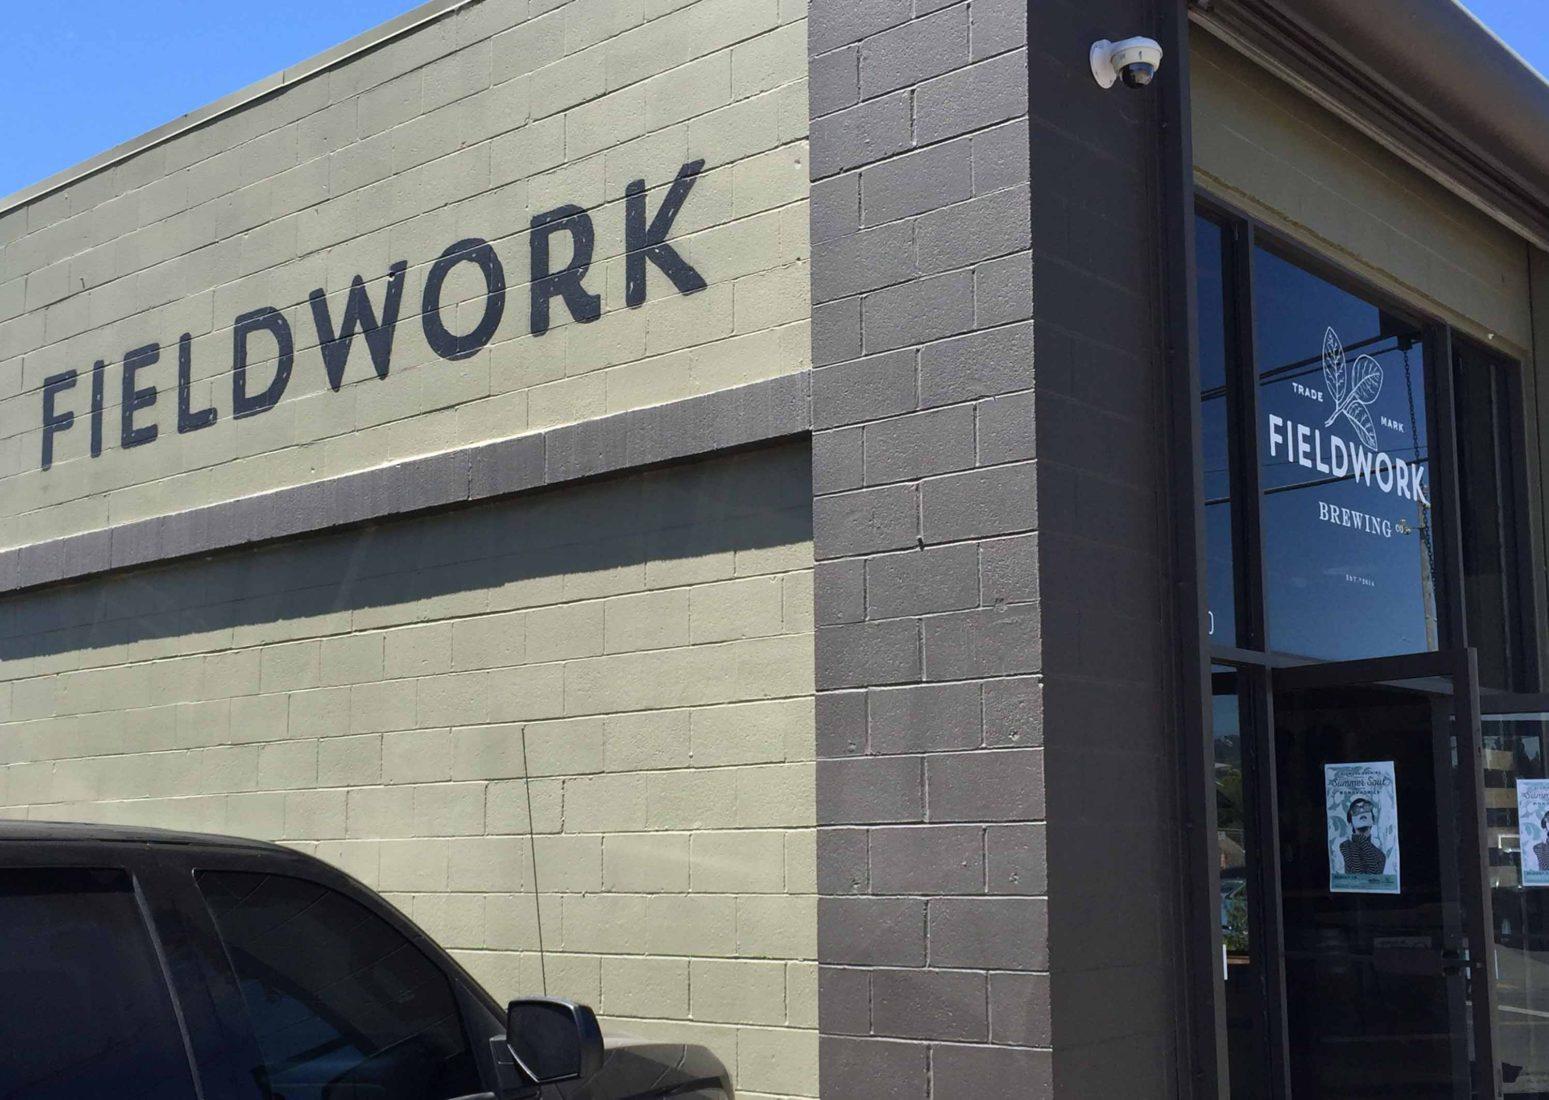 277. Fieldwork Brewing Co, Berkeley CA, 2016